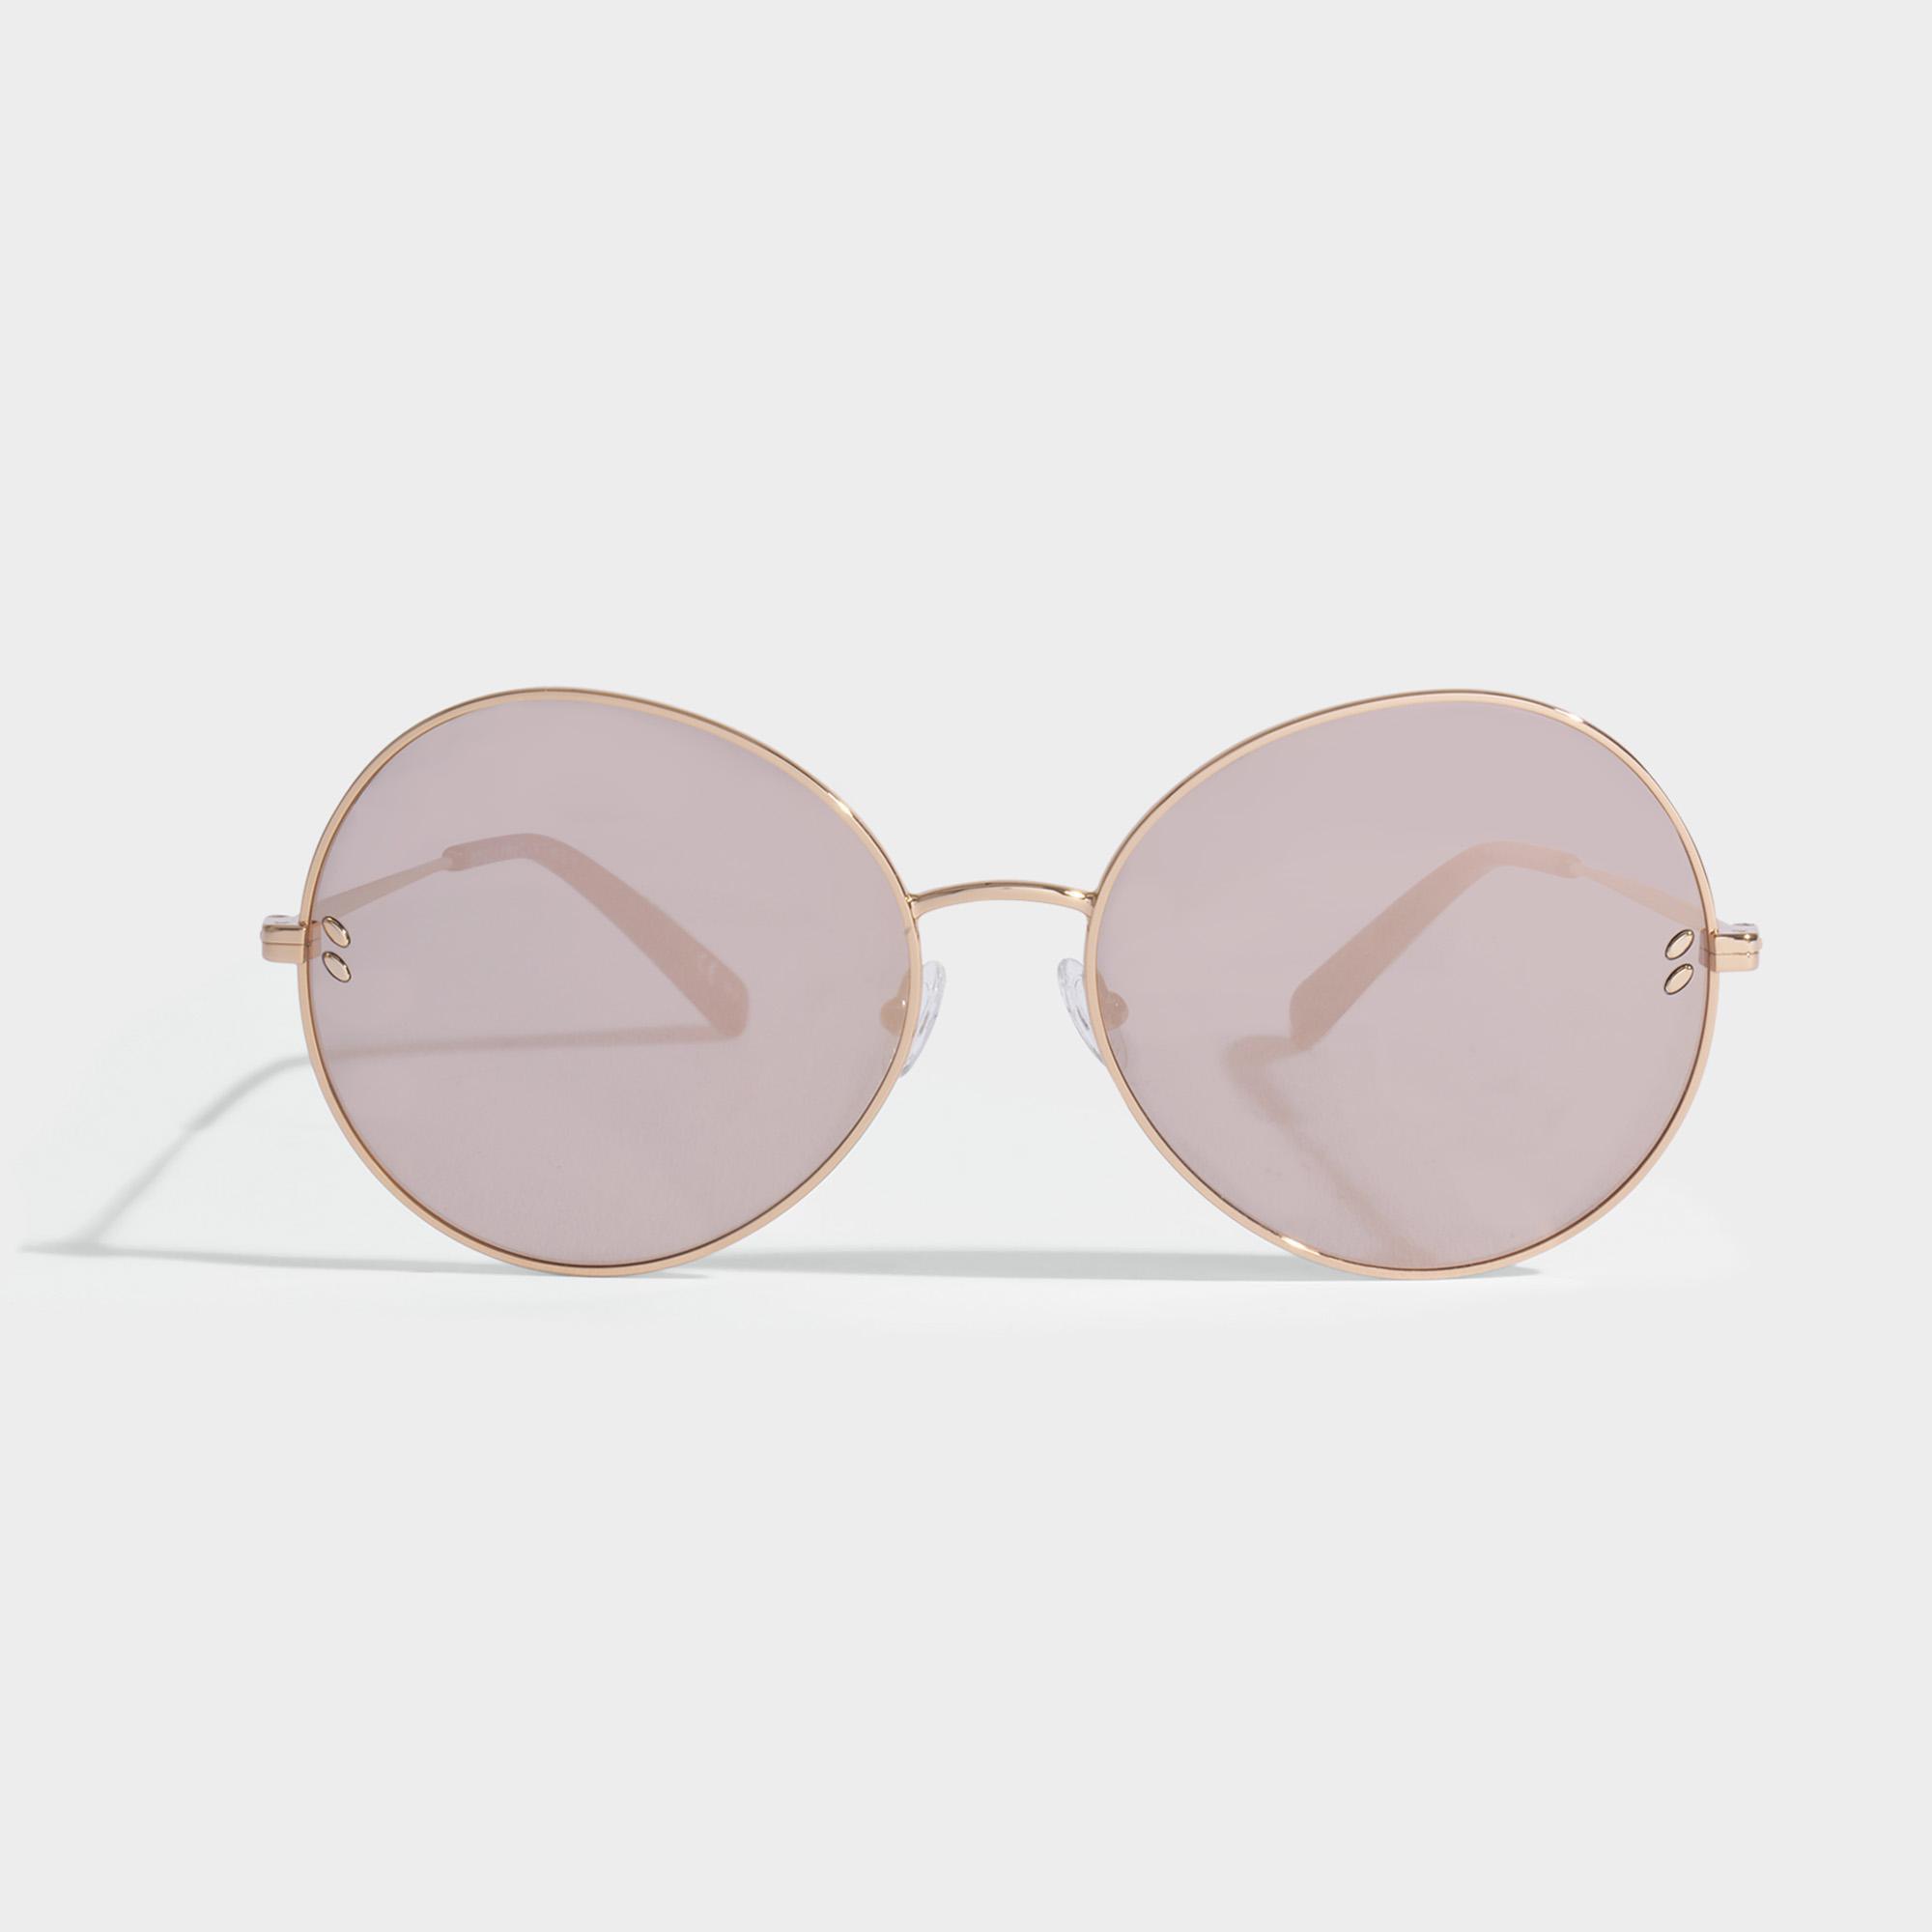 Stella McCartney Lunettes de Soleil avec Verres Double Miroir en Métal Or pRA0rX